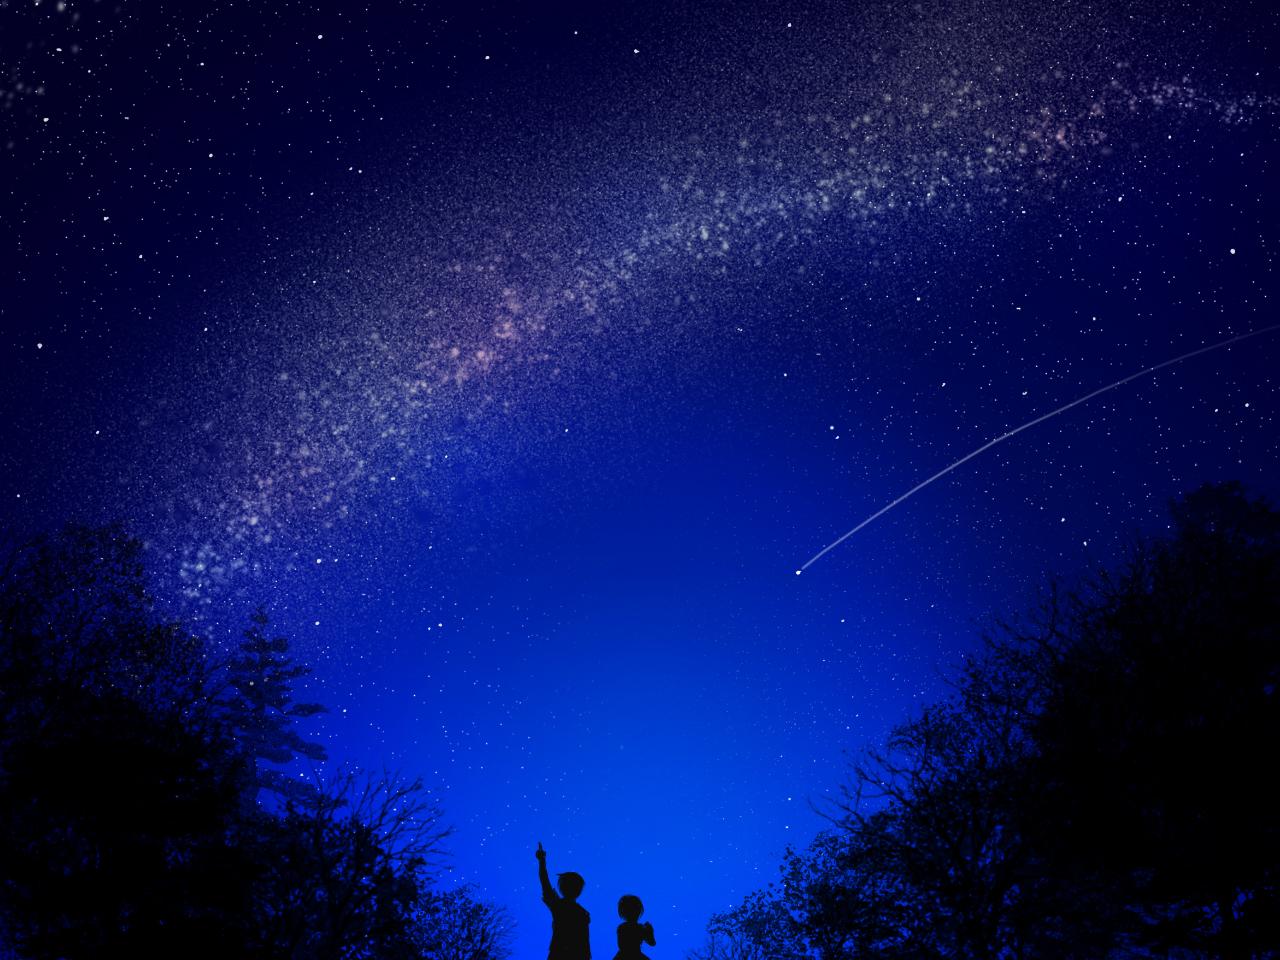 dark kaito male meiko night silhouette sky stars tree vocaloid